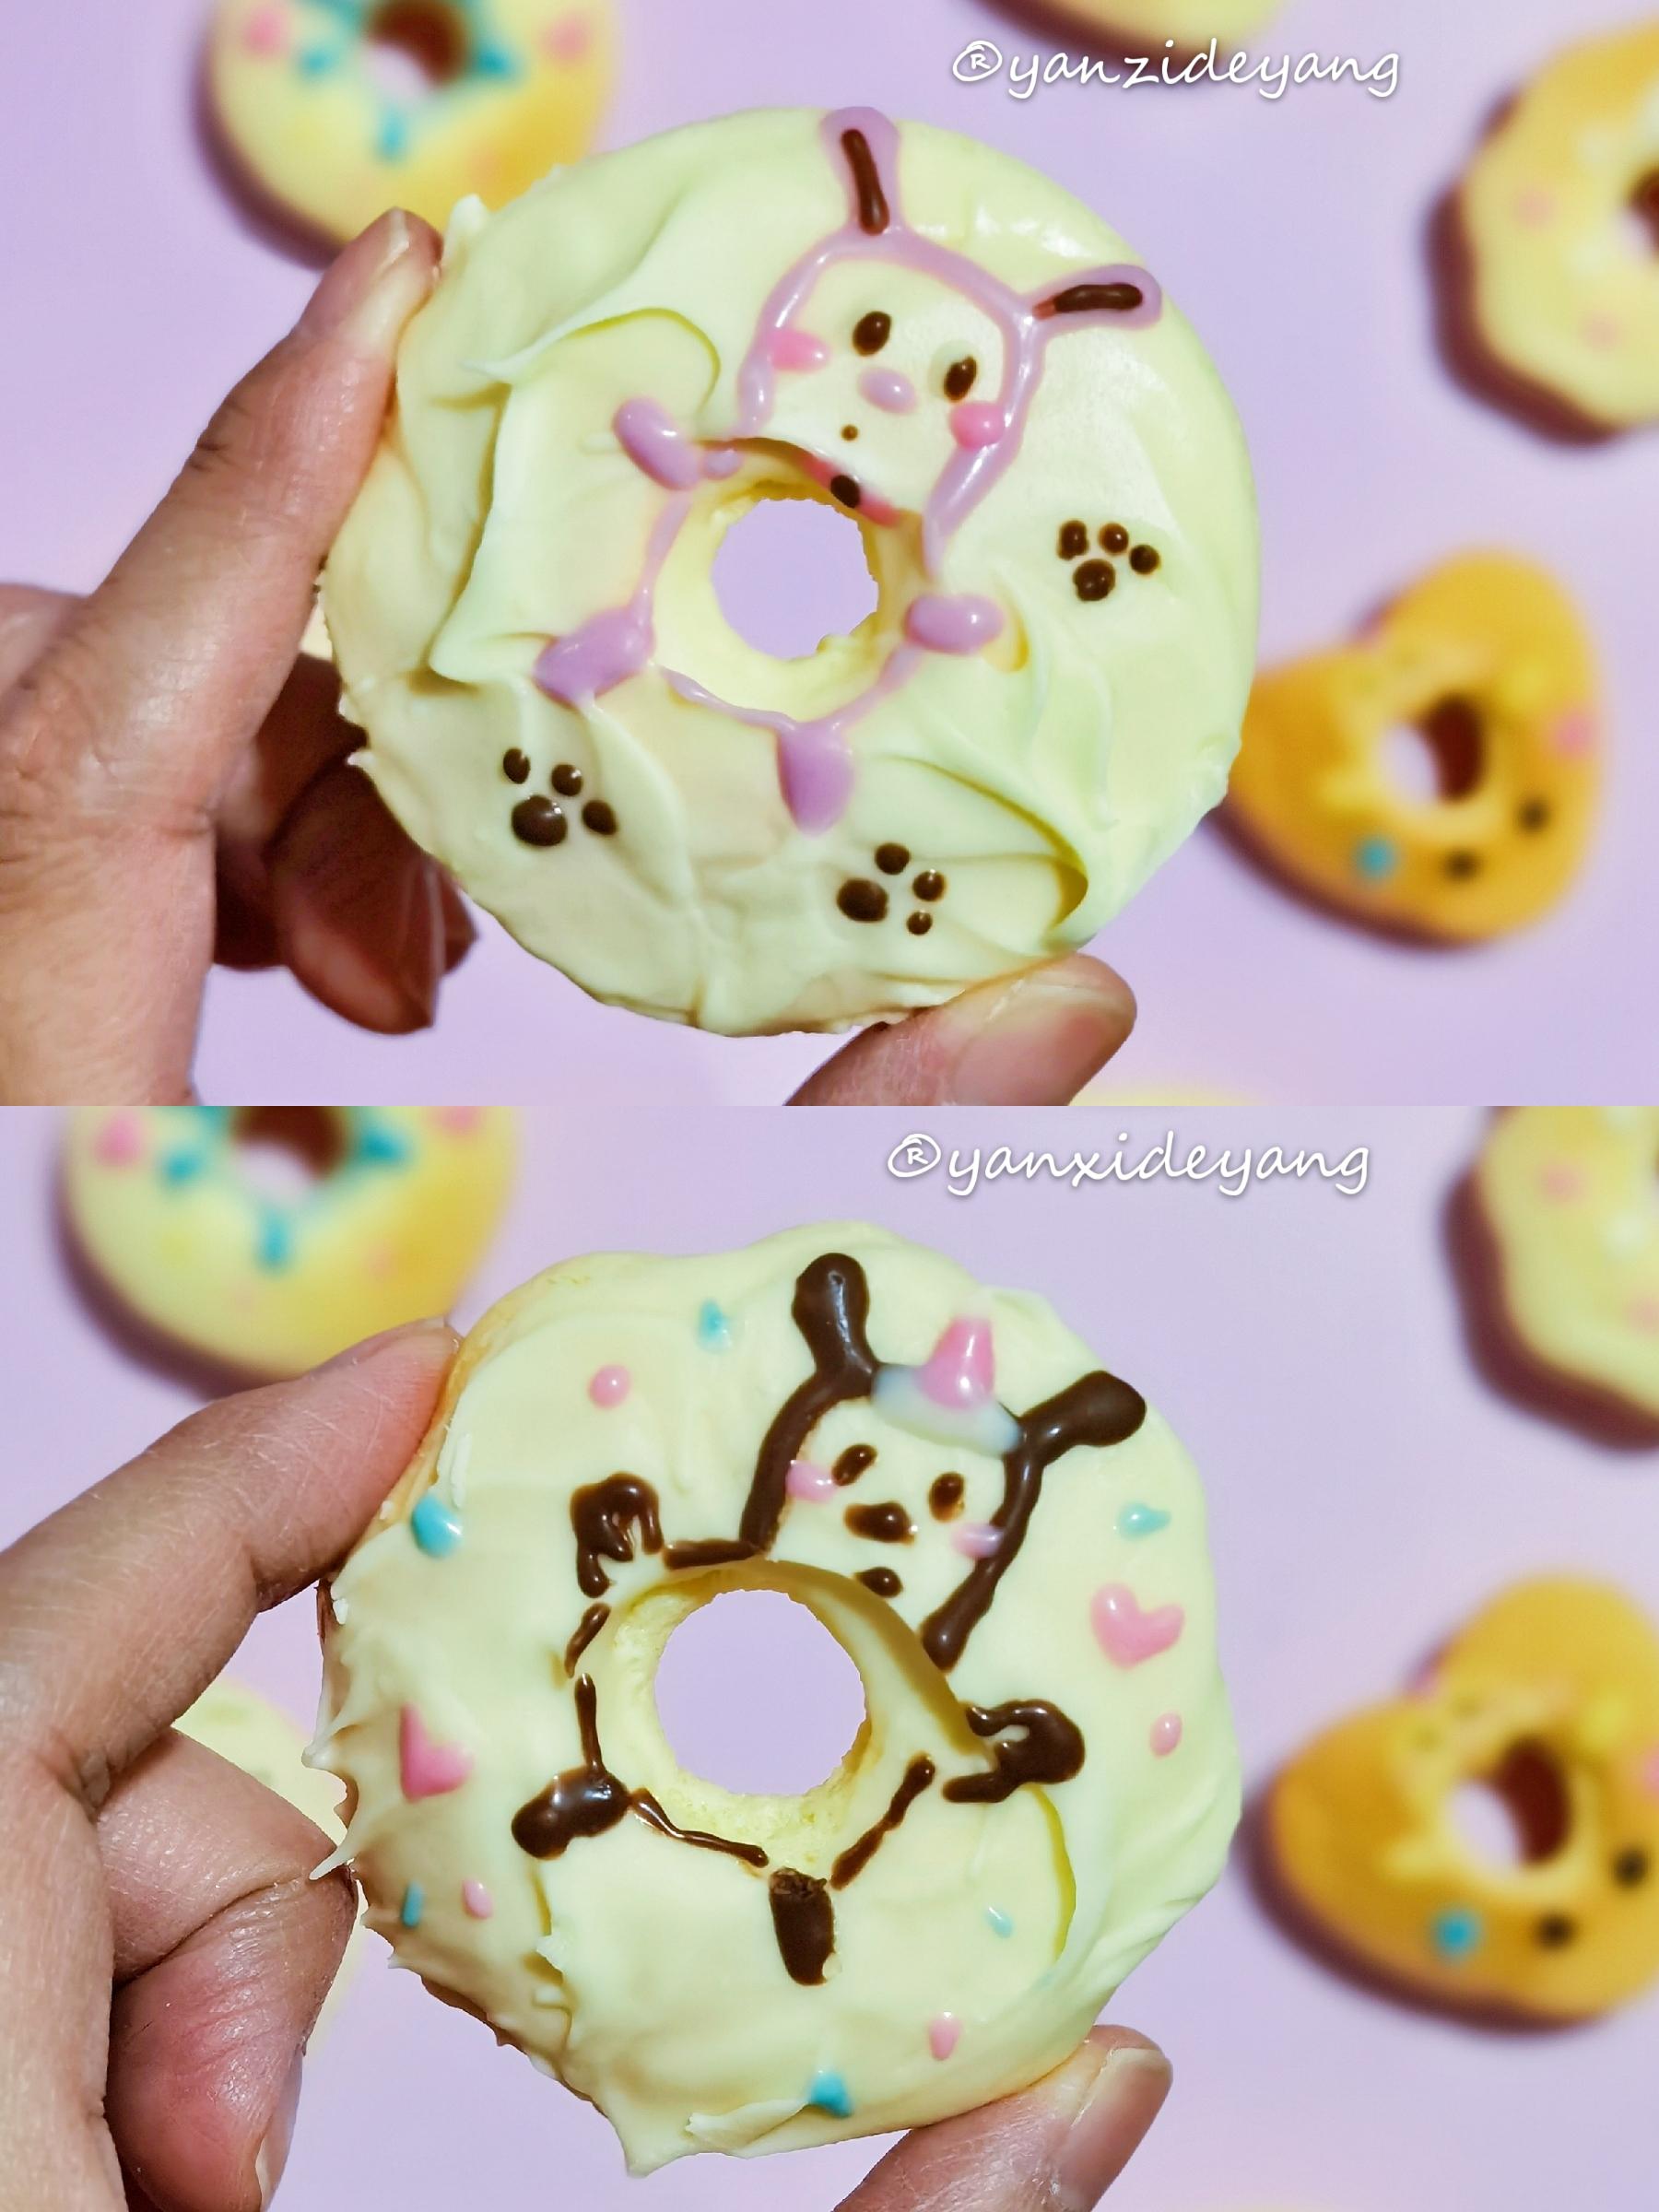 待凉用巧克力画上可爱的小动物